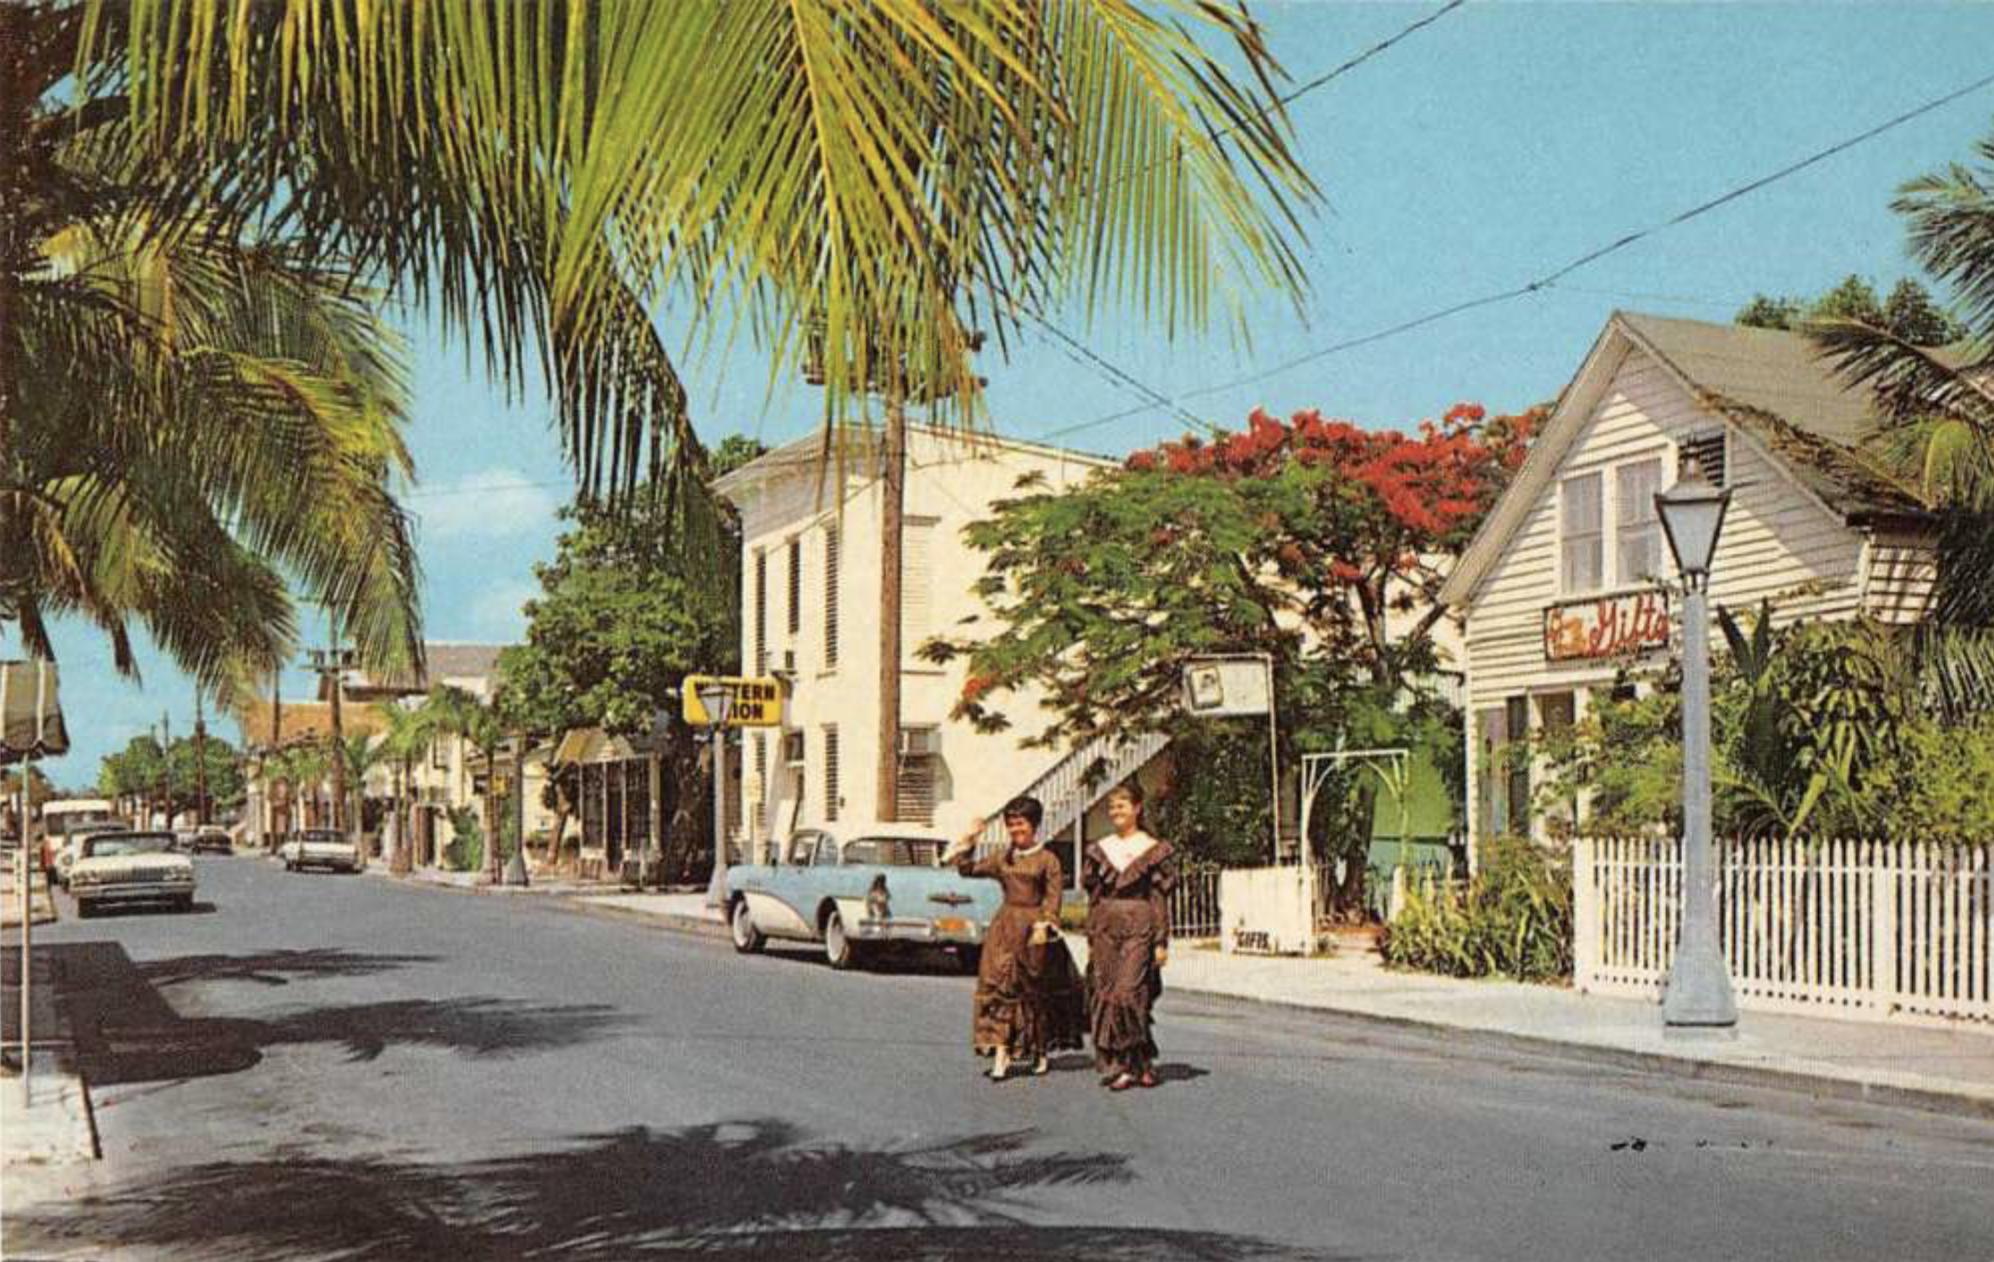 John Dewey House vintage postcard